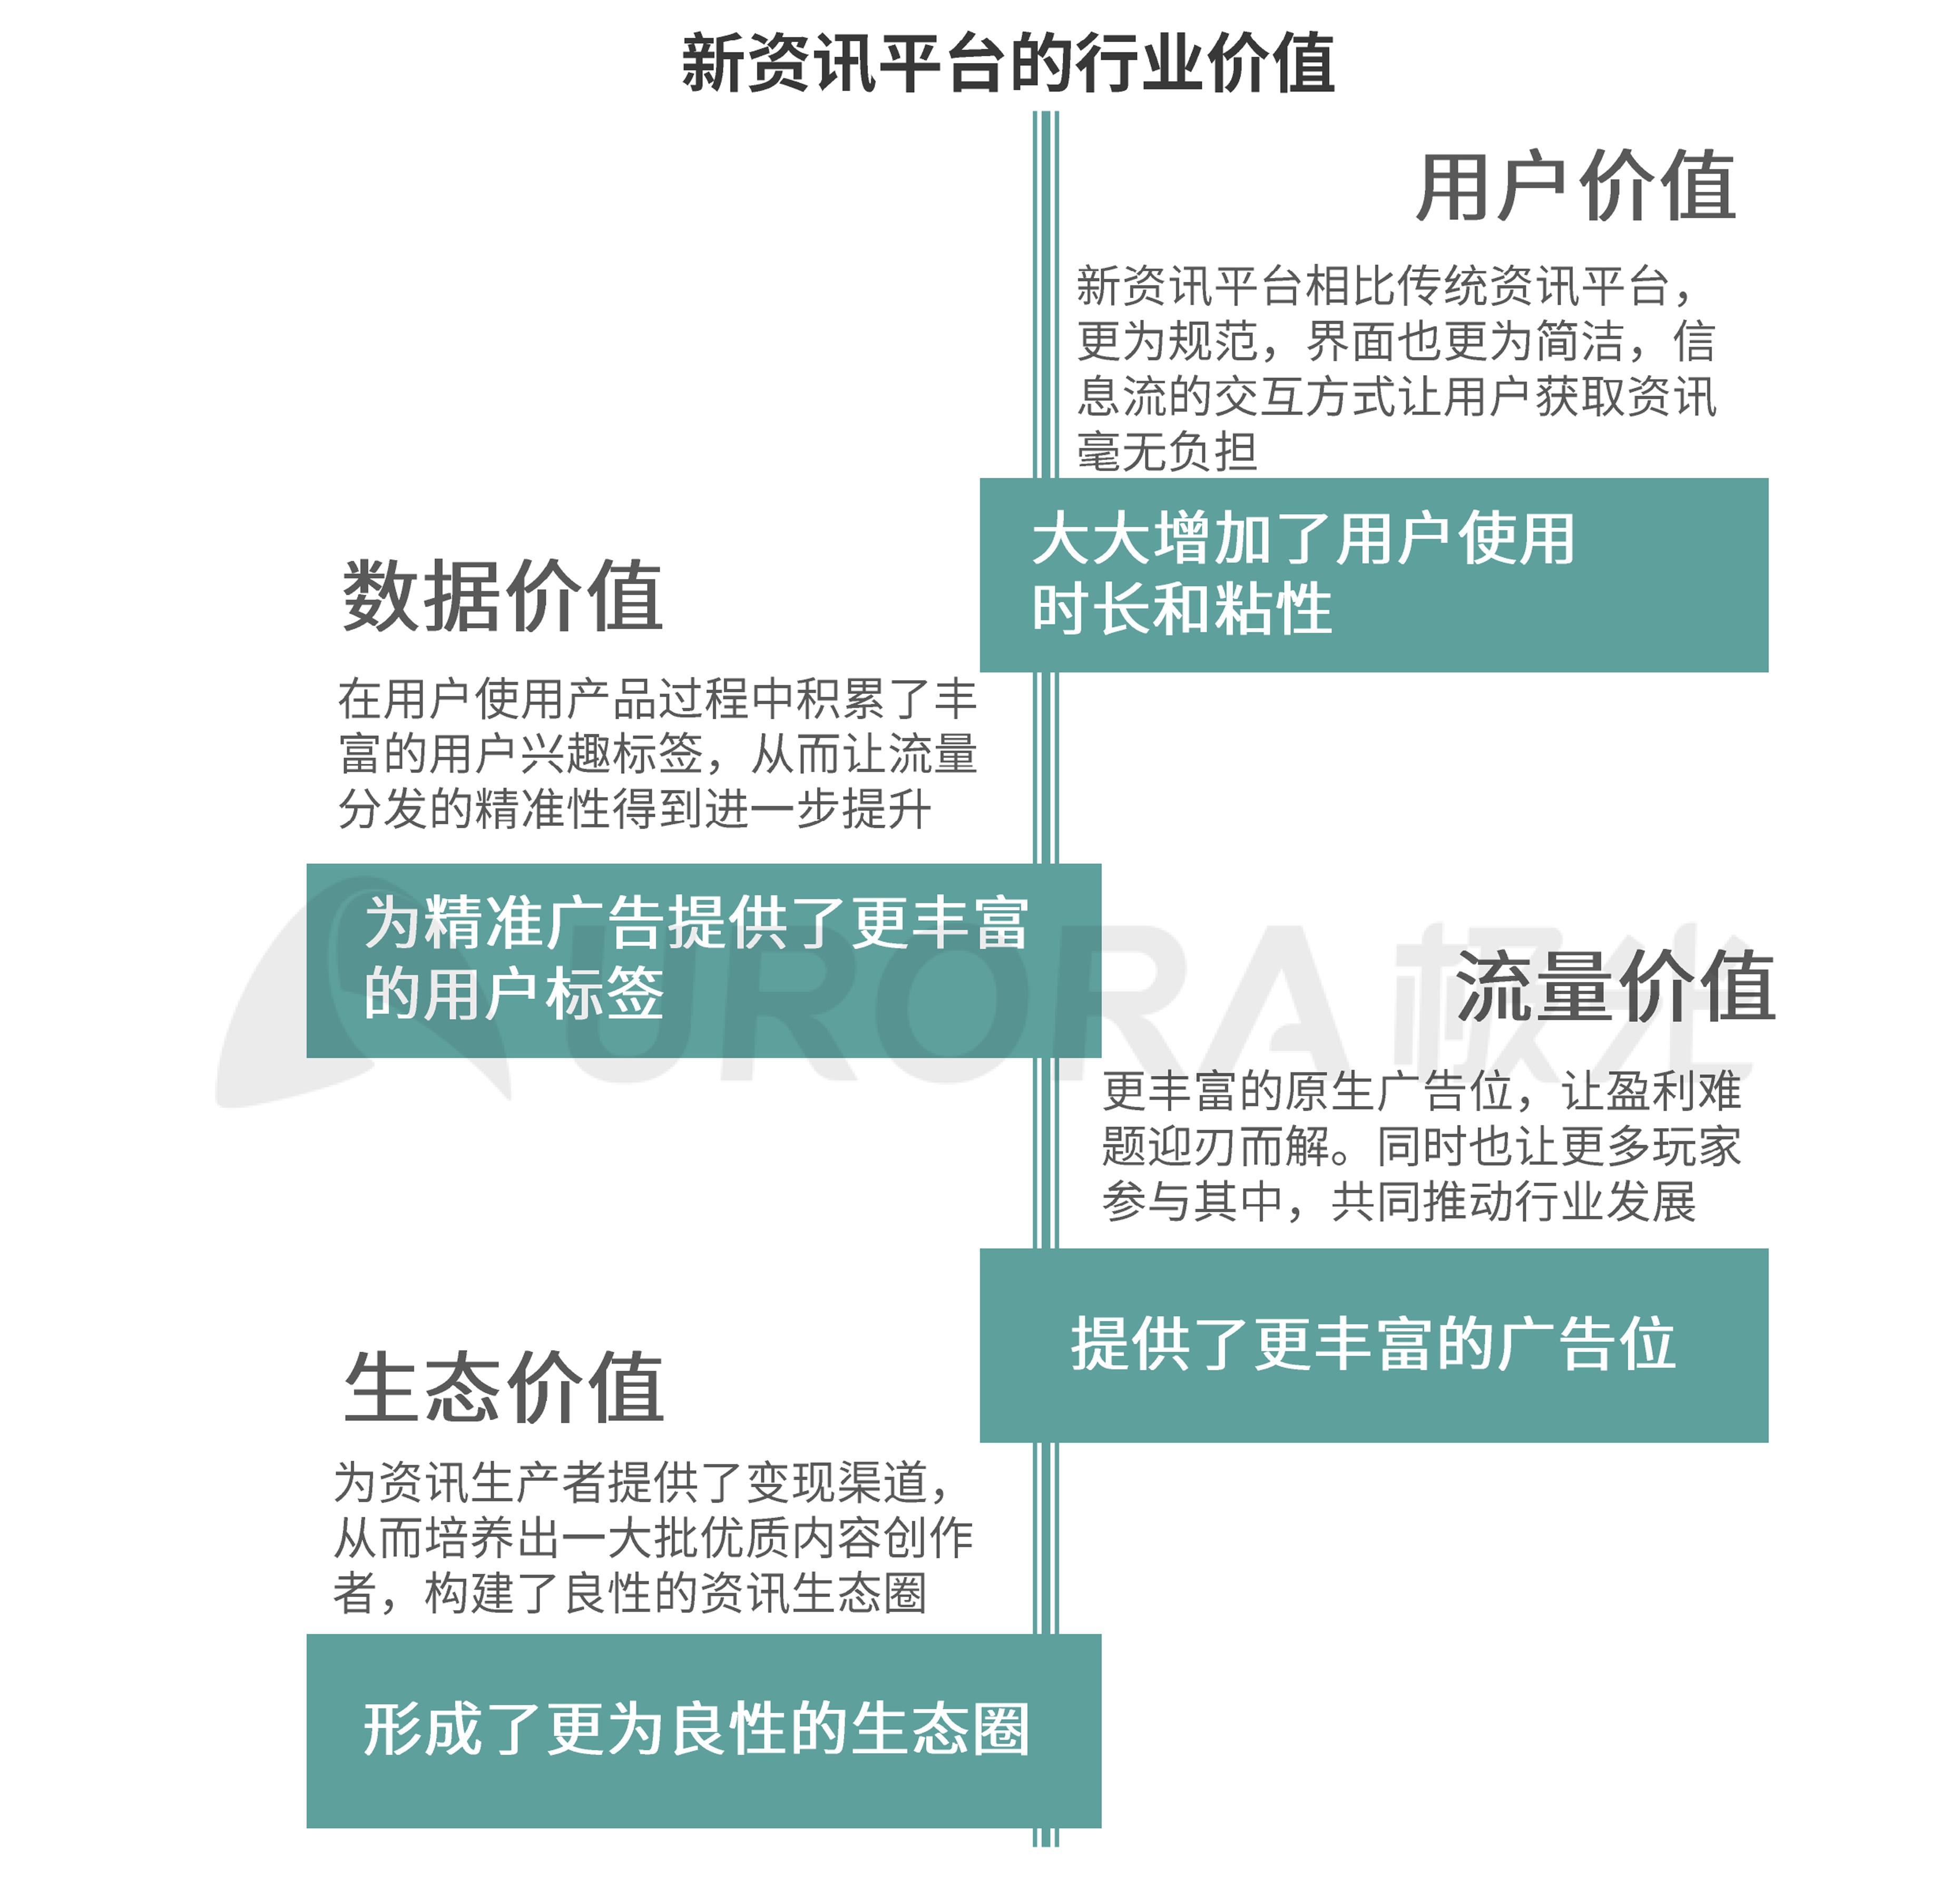 极光:新闻资讯 (5).png